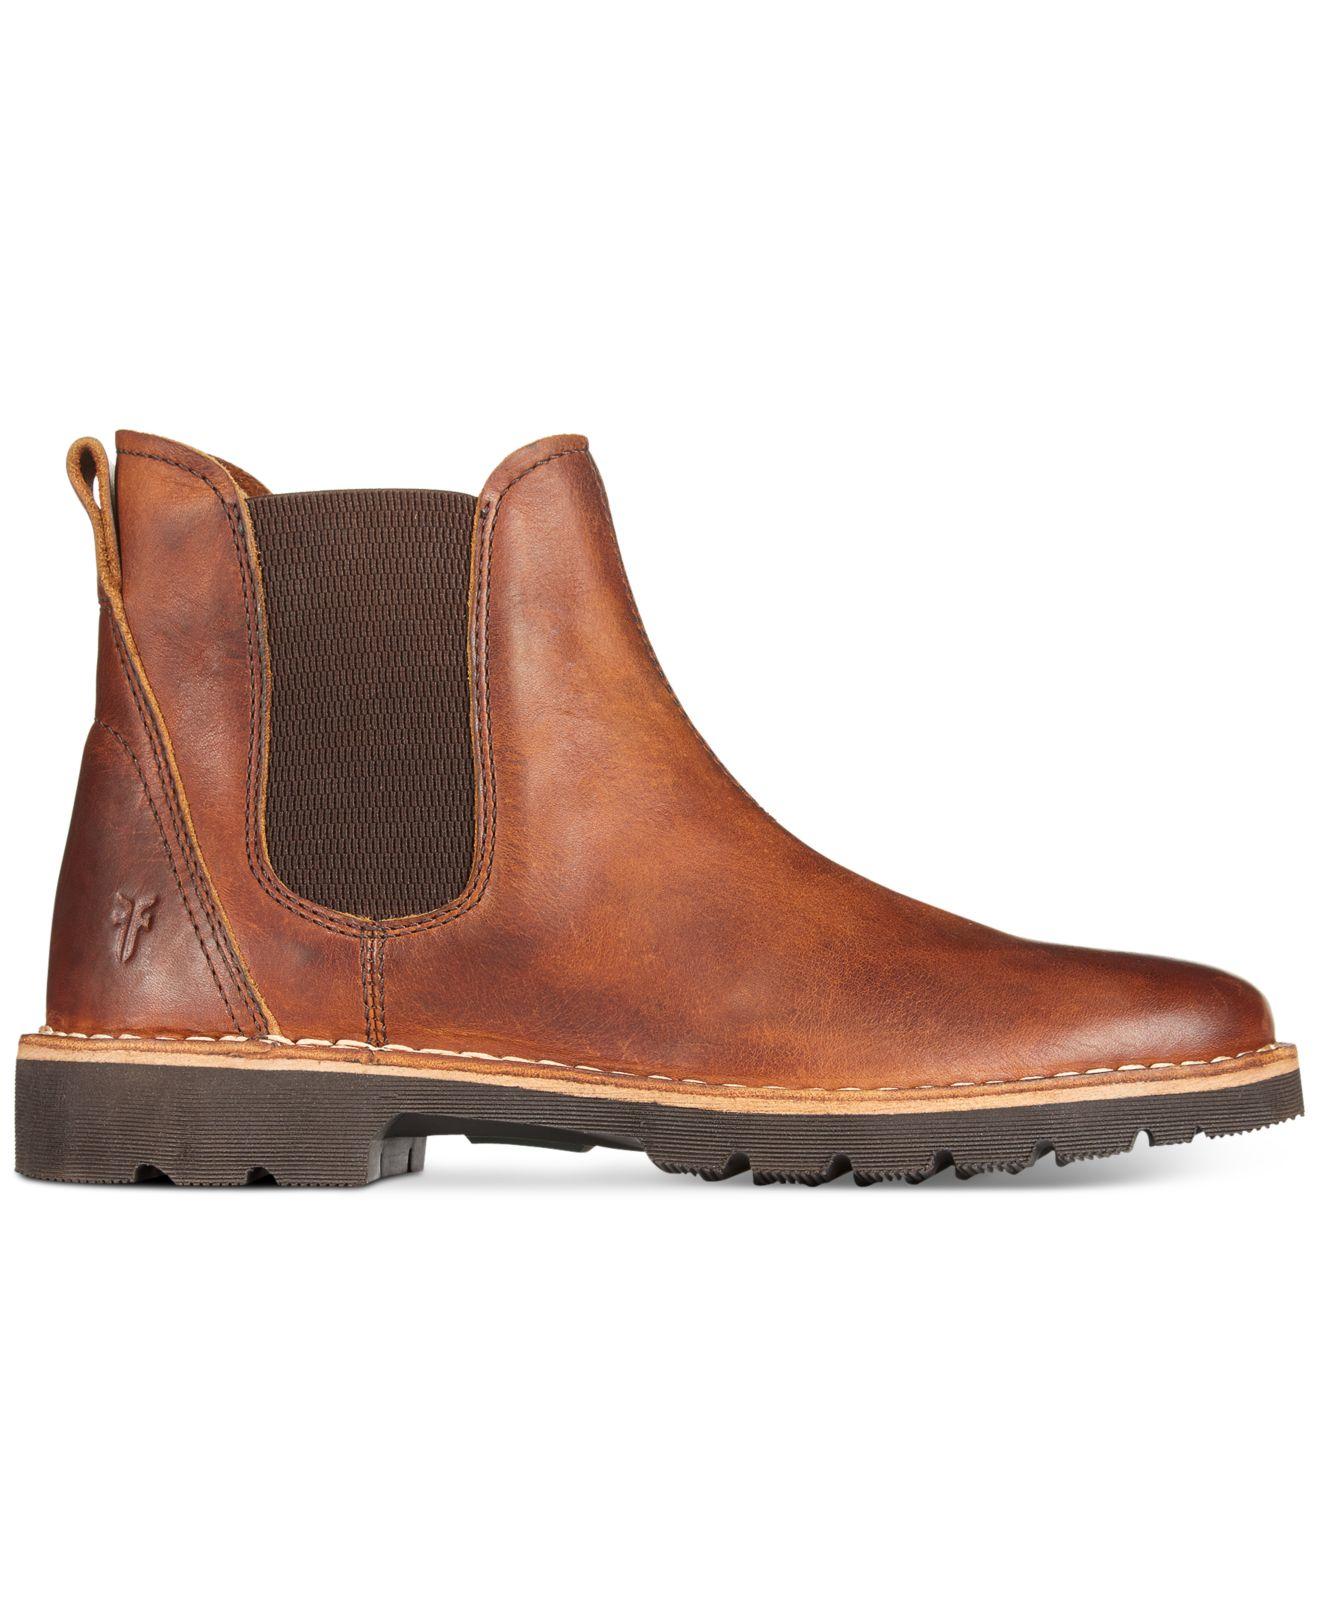 frye holden chelsea boots in brown for men lyst. Black Bedroom Furniture Sets. Home Design Ideas